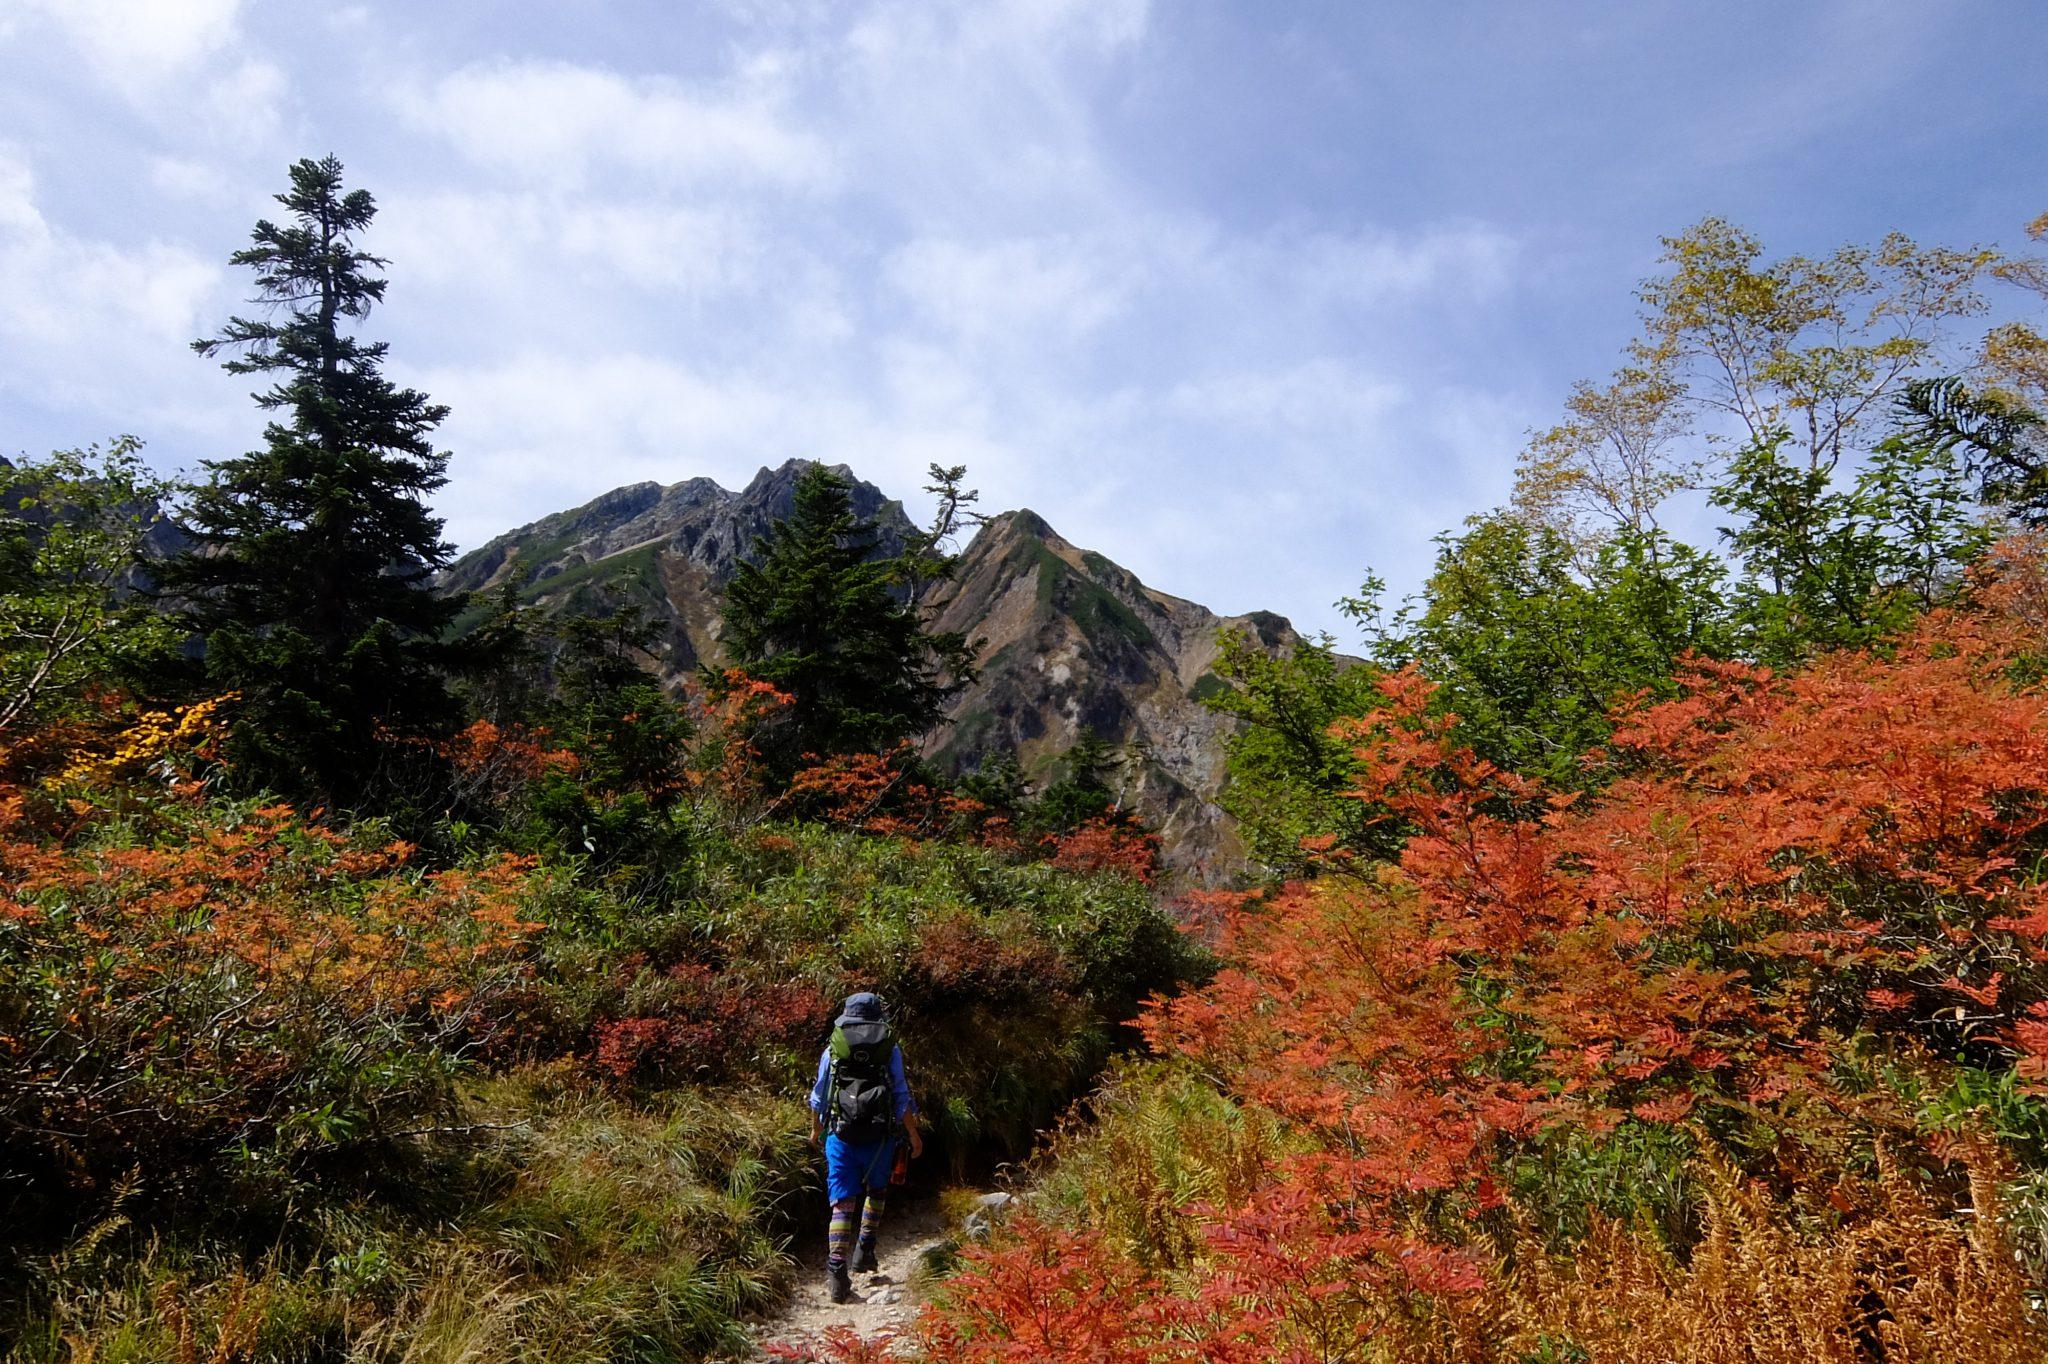 秋のトレッキング 遠見尾根